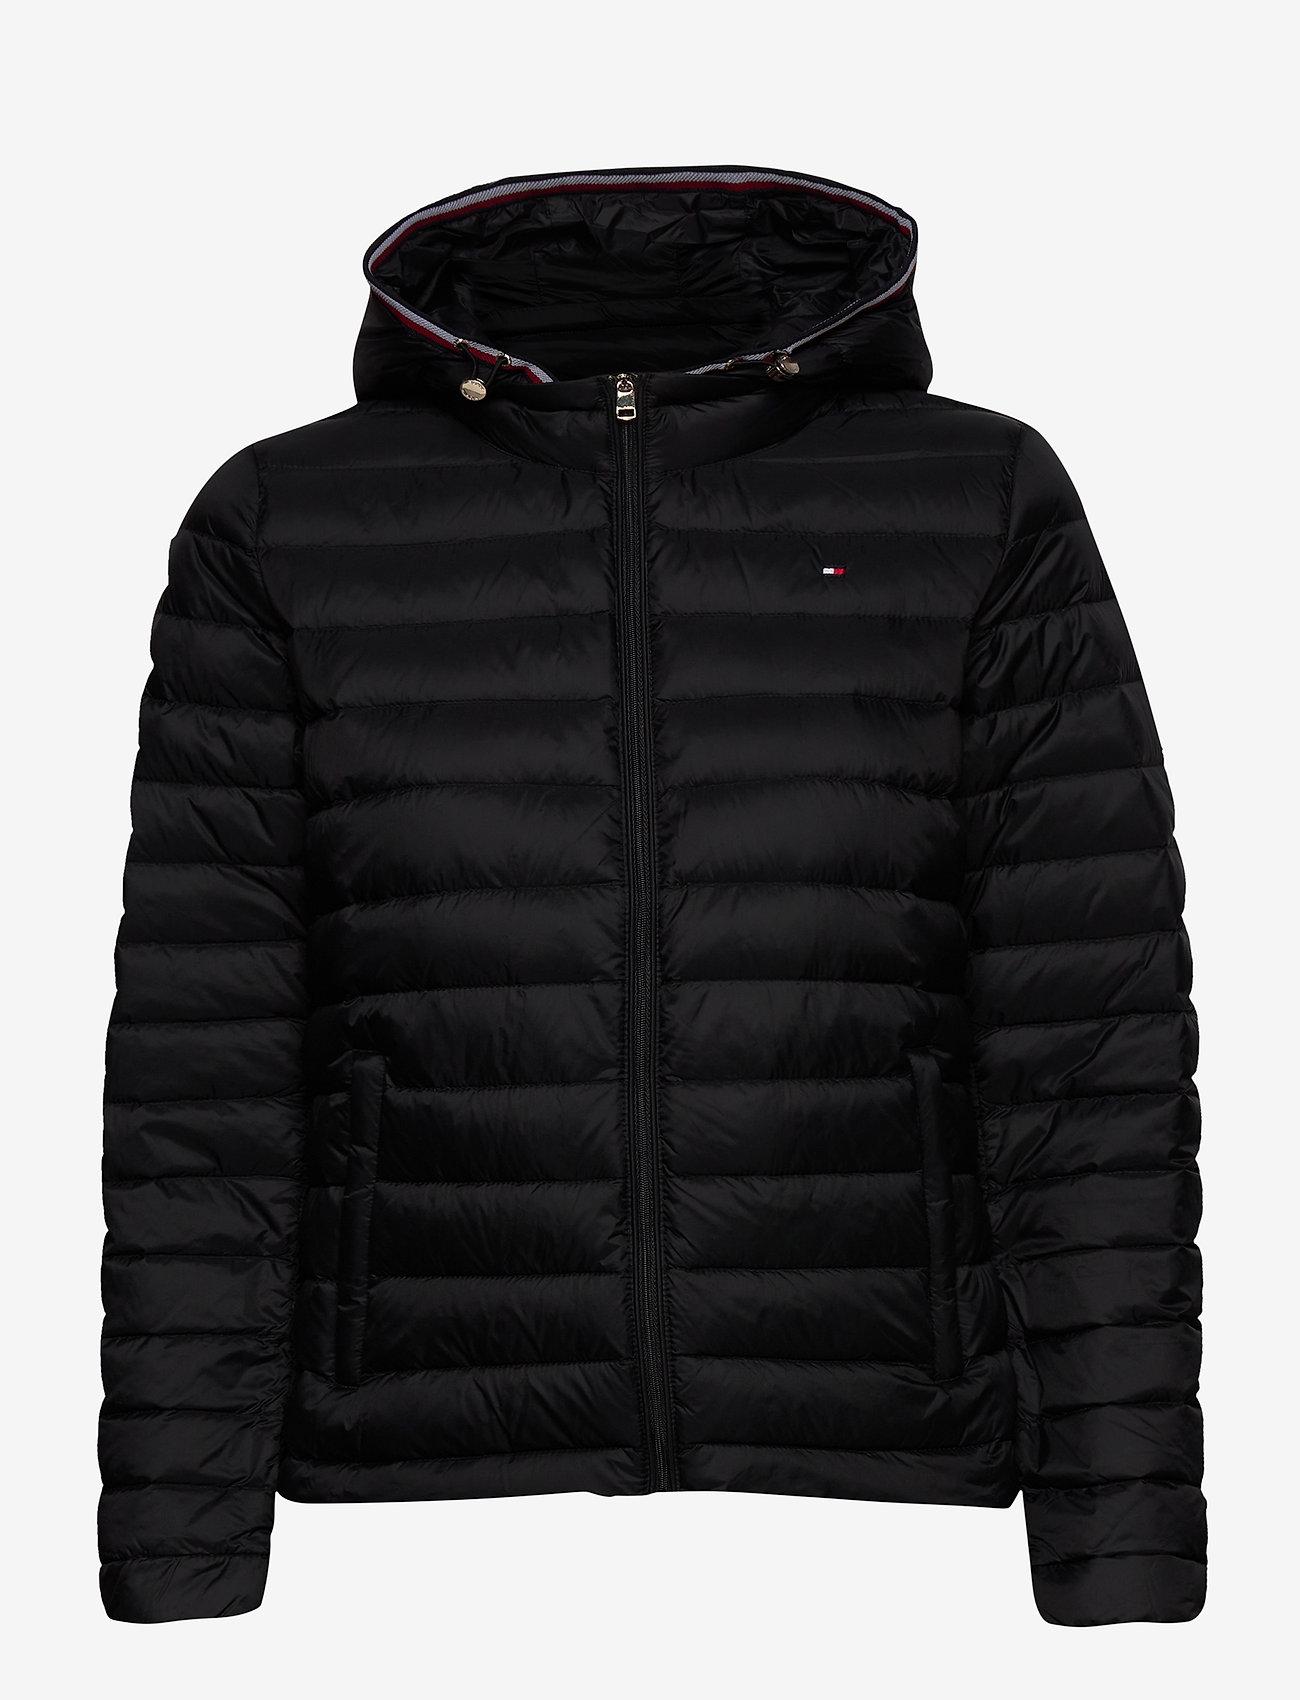 Tommy Hilfiger - TH ESSENTIAL LW DWN - down- & padded jackets - black - 1